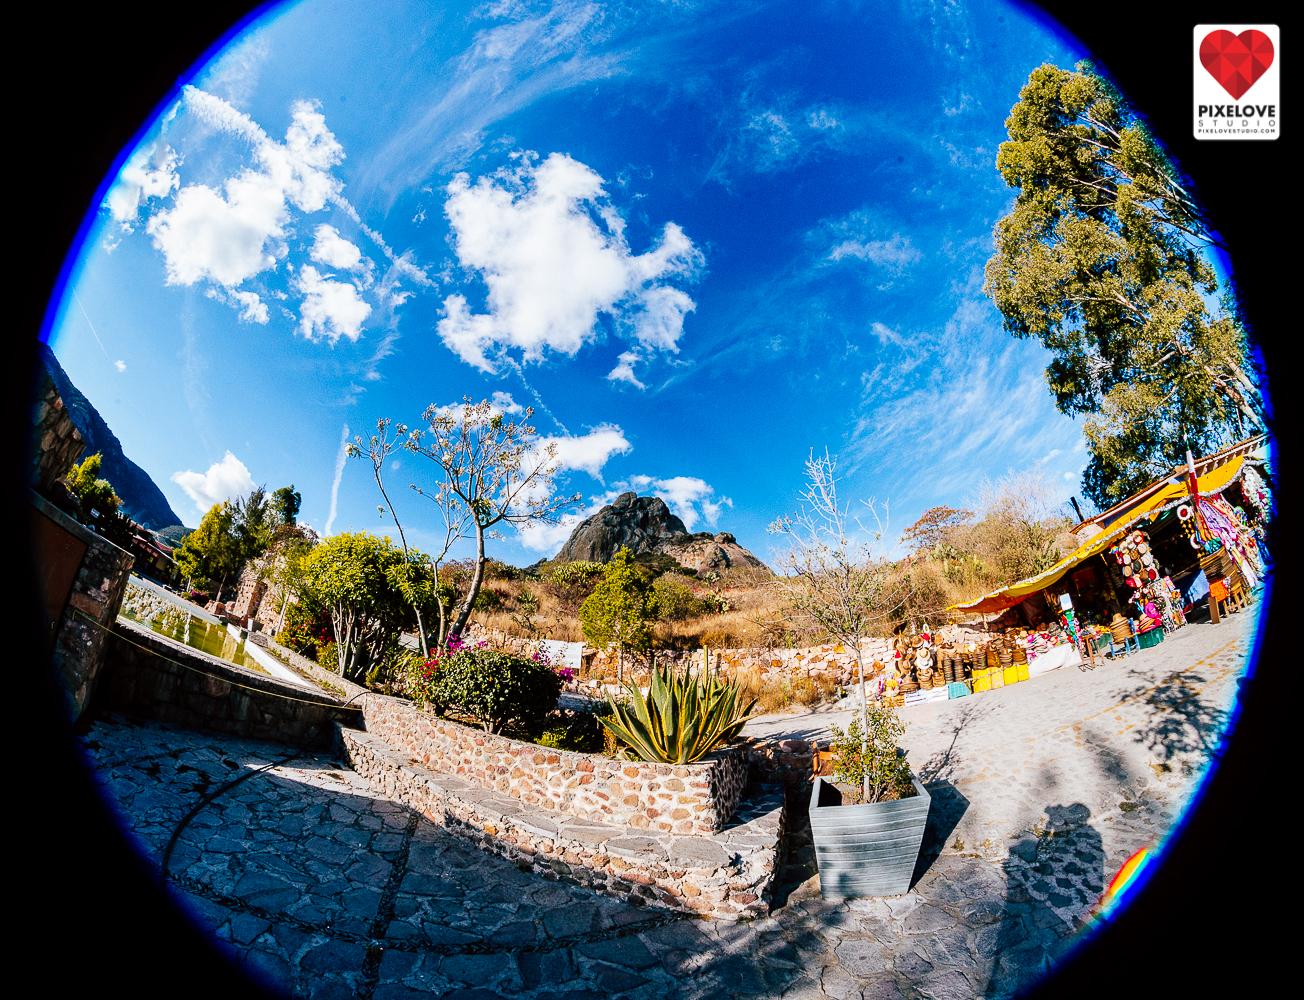 Subida a la Peña de Bernal, Queretaro, Mexico.